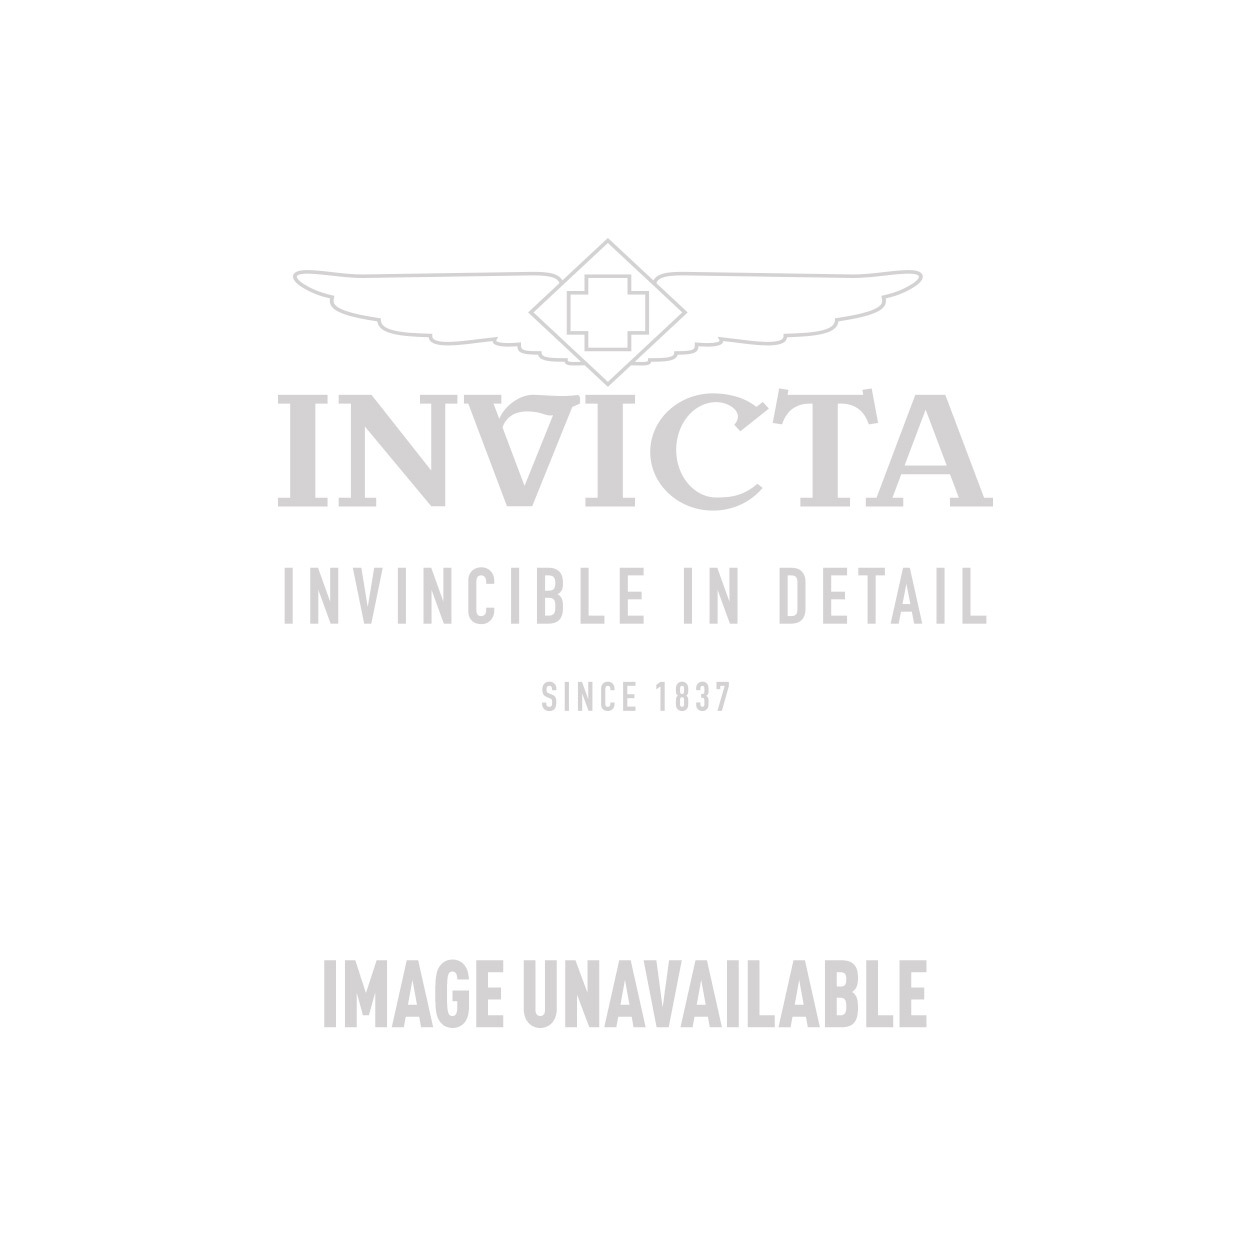 Invicta Model 24041